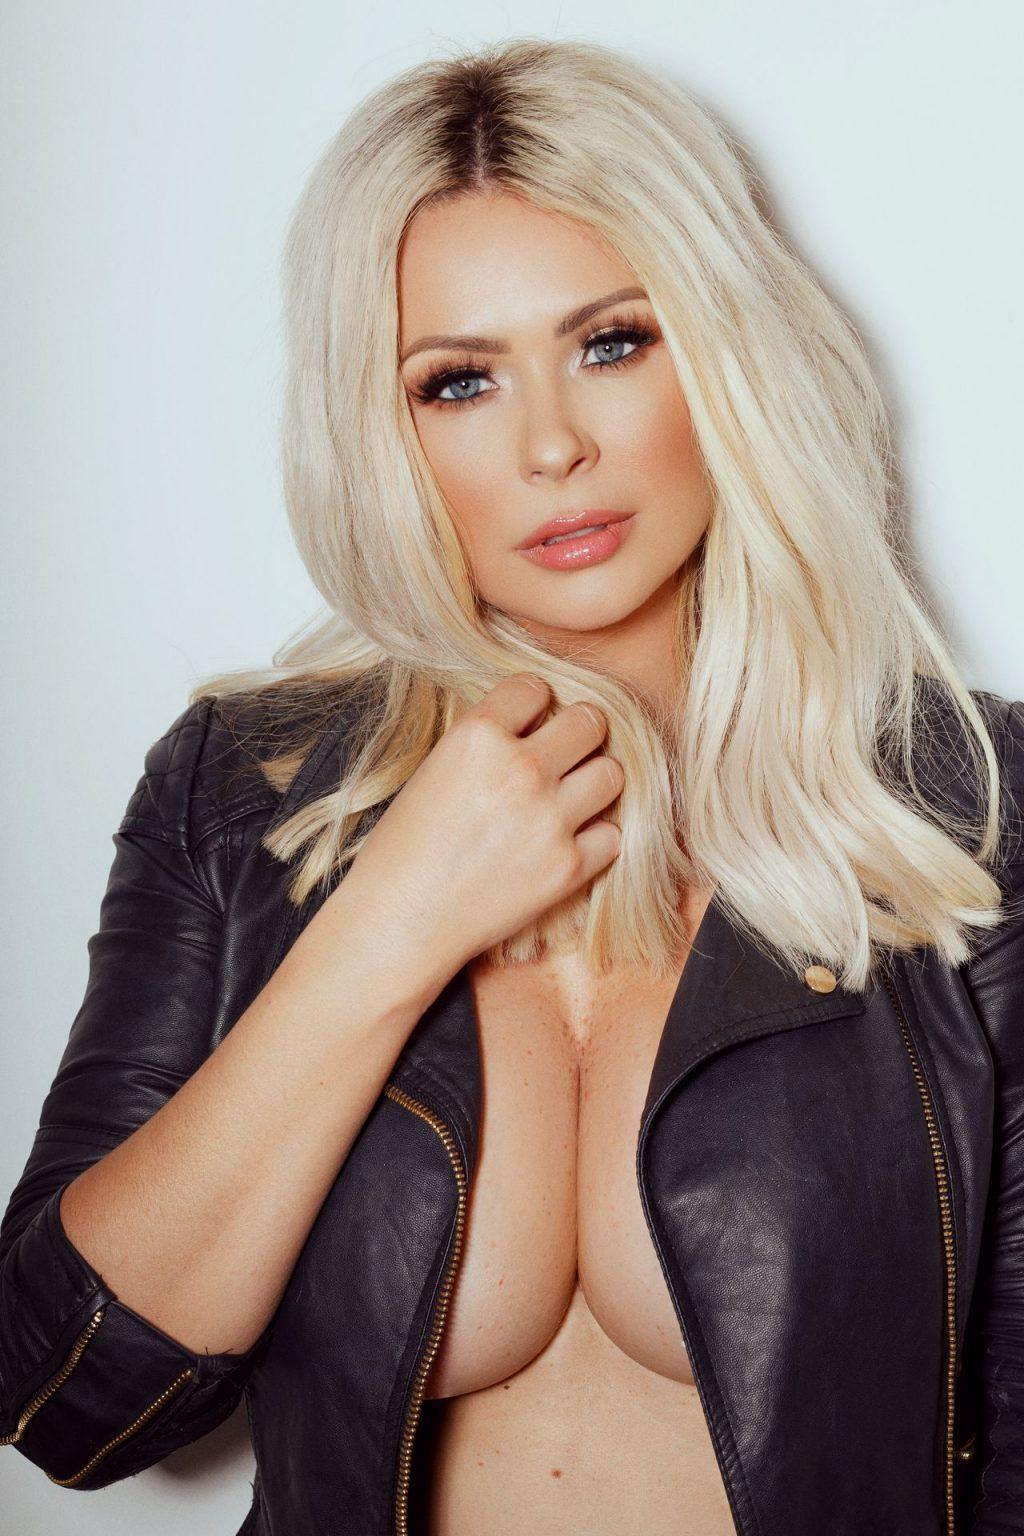 Nicola McLean Sexy (3 New Photos)